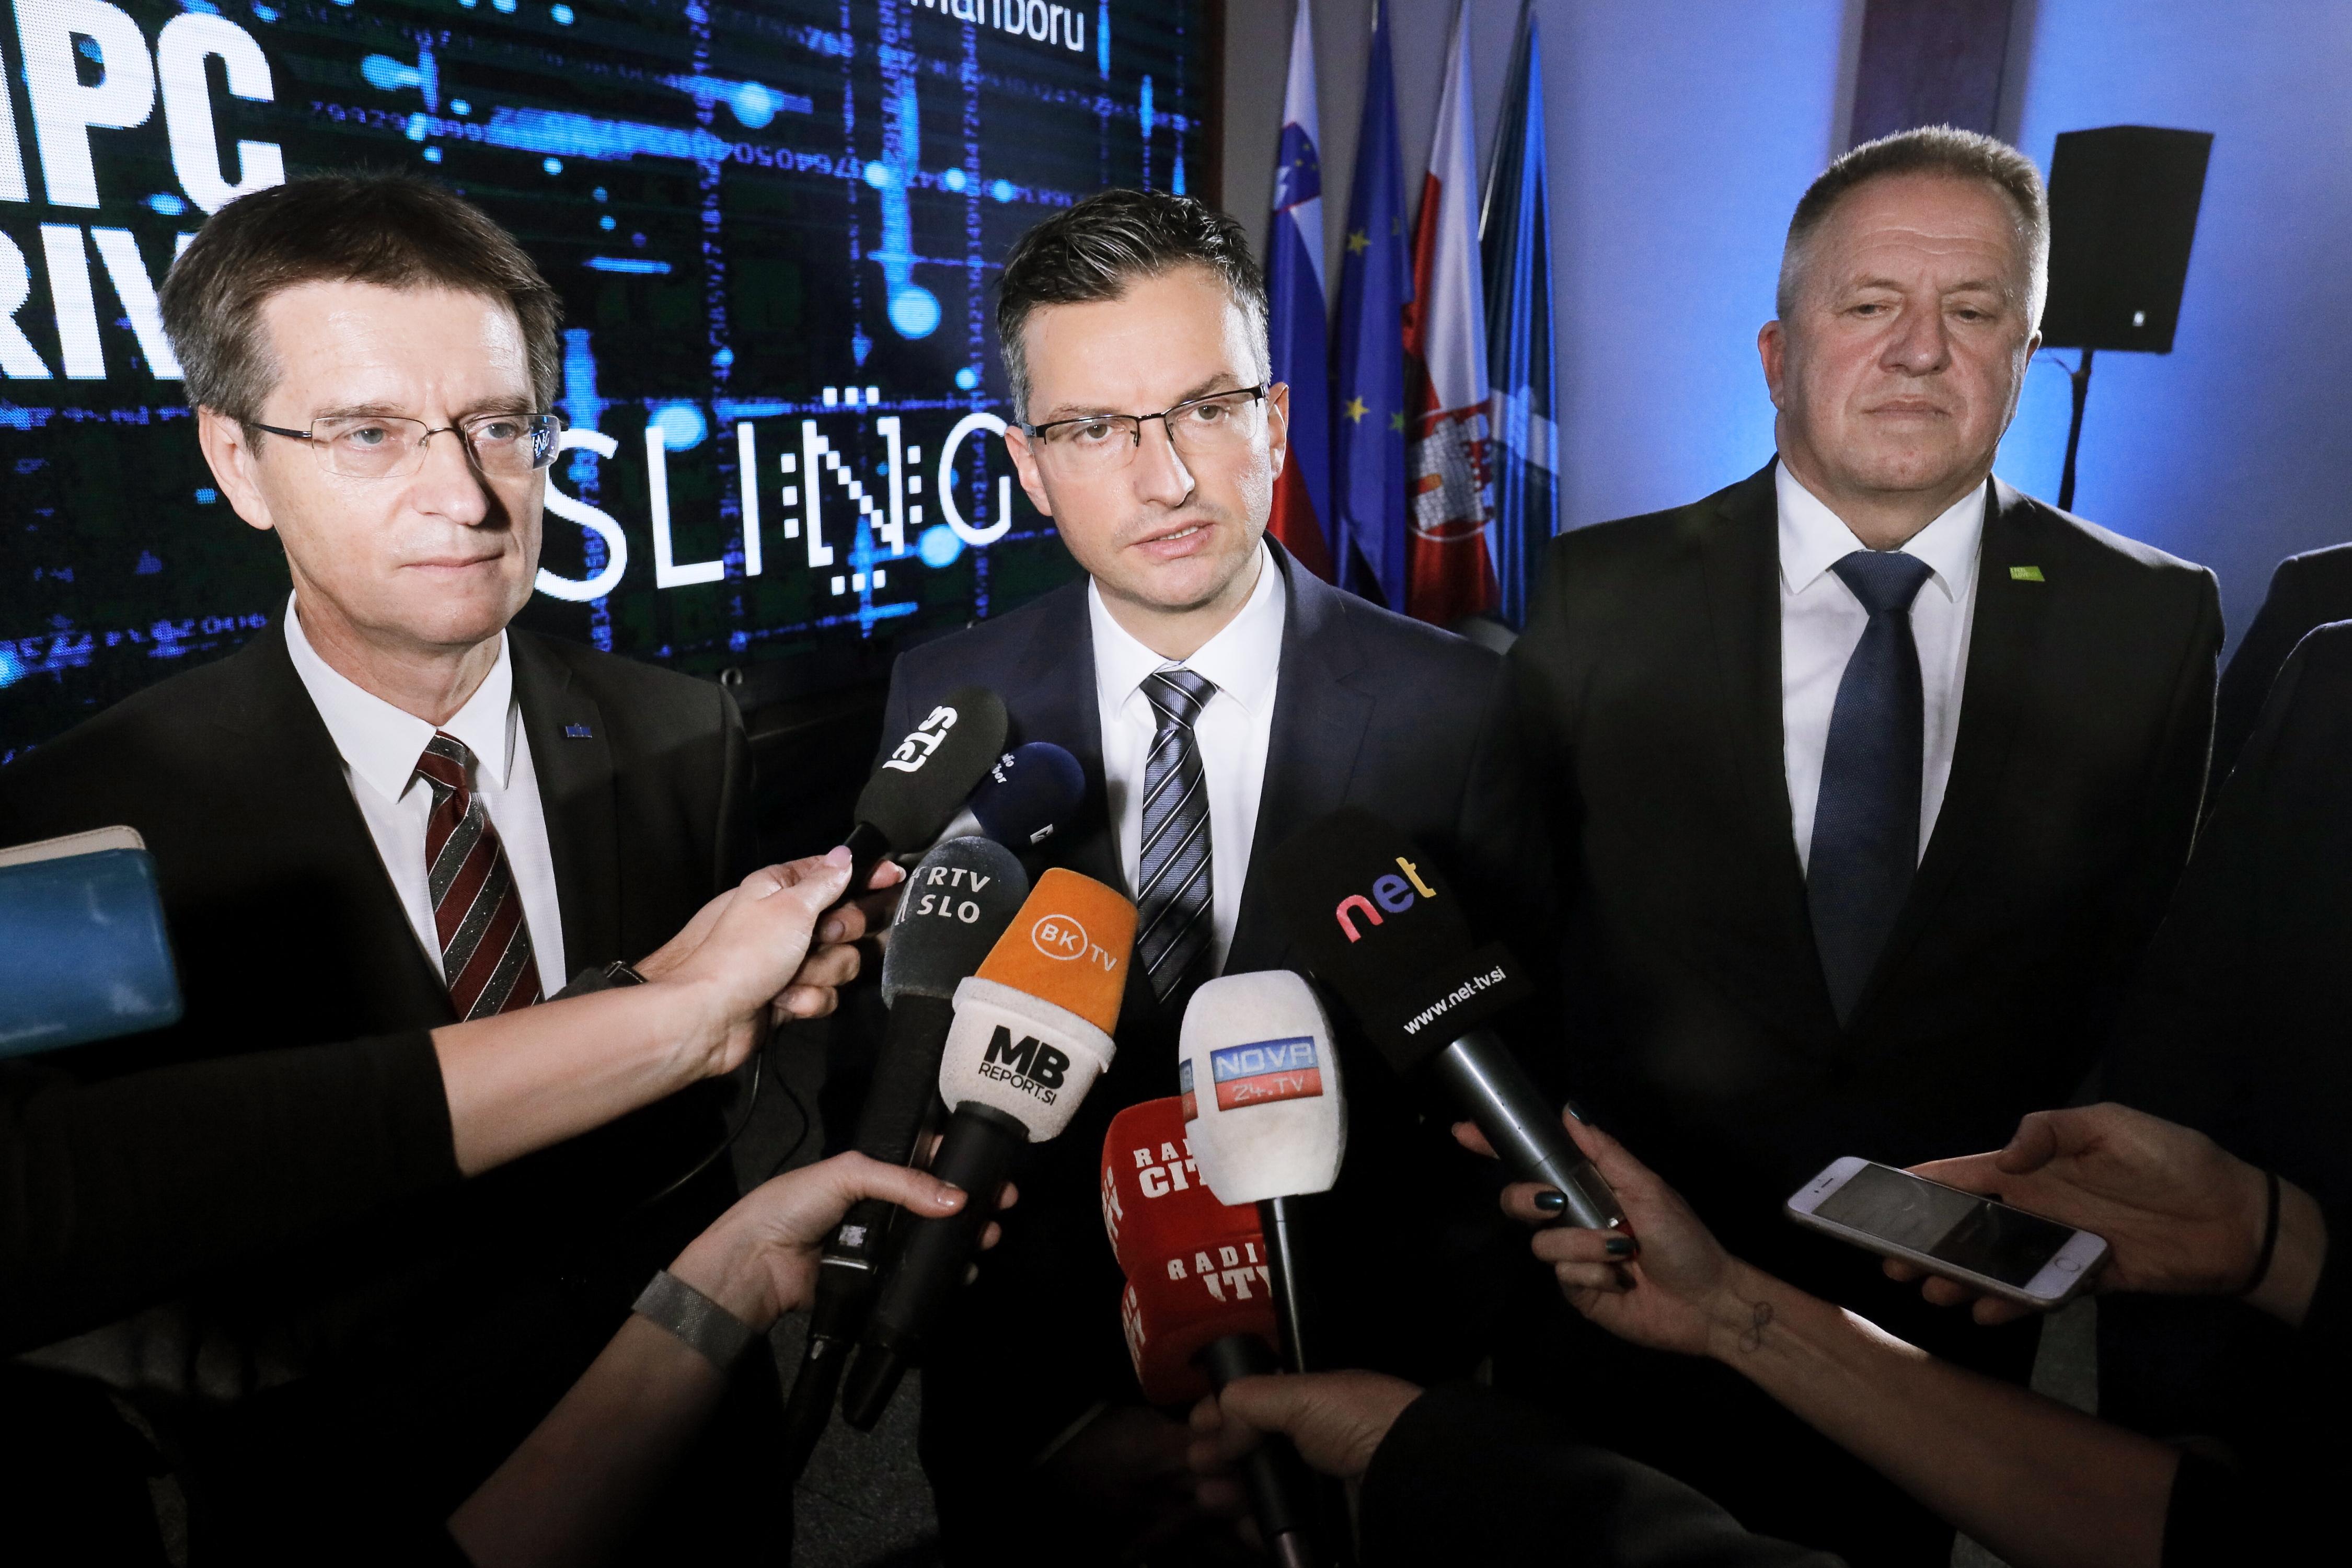 Predsednik vlade Marjan Sarec se lahko zahvali samo poslancem Slovenska nacionalne stranke, da se je obdržal na oblasti. (Foto: STA)